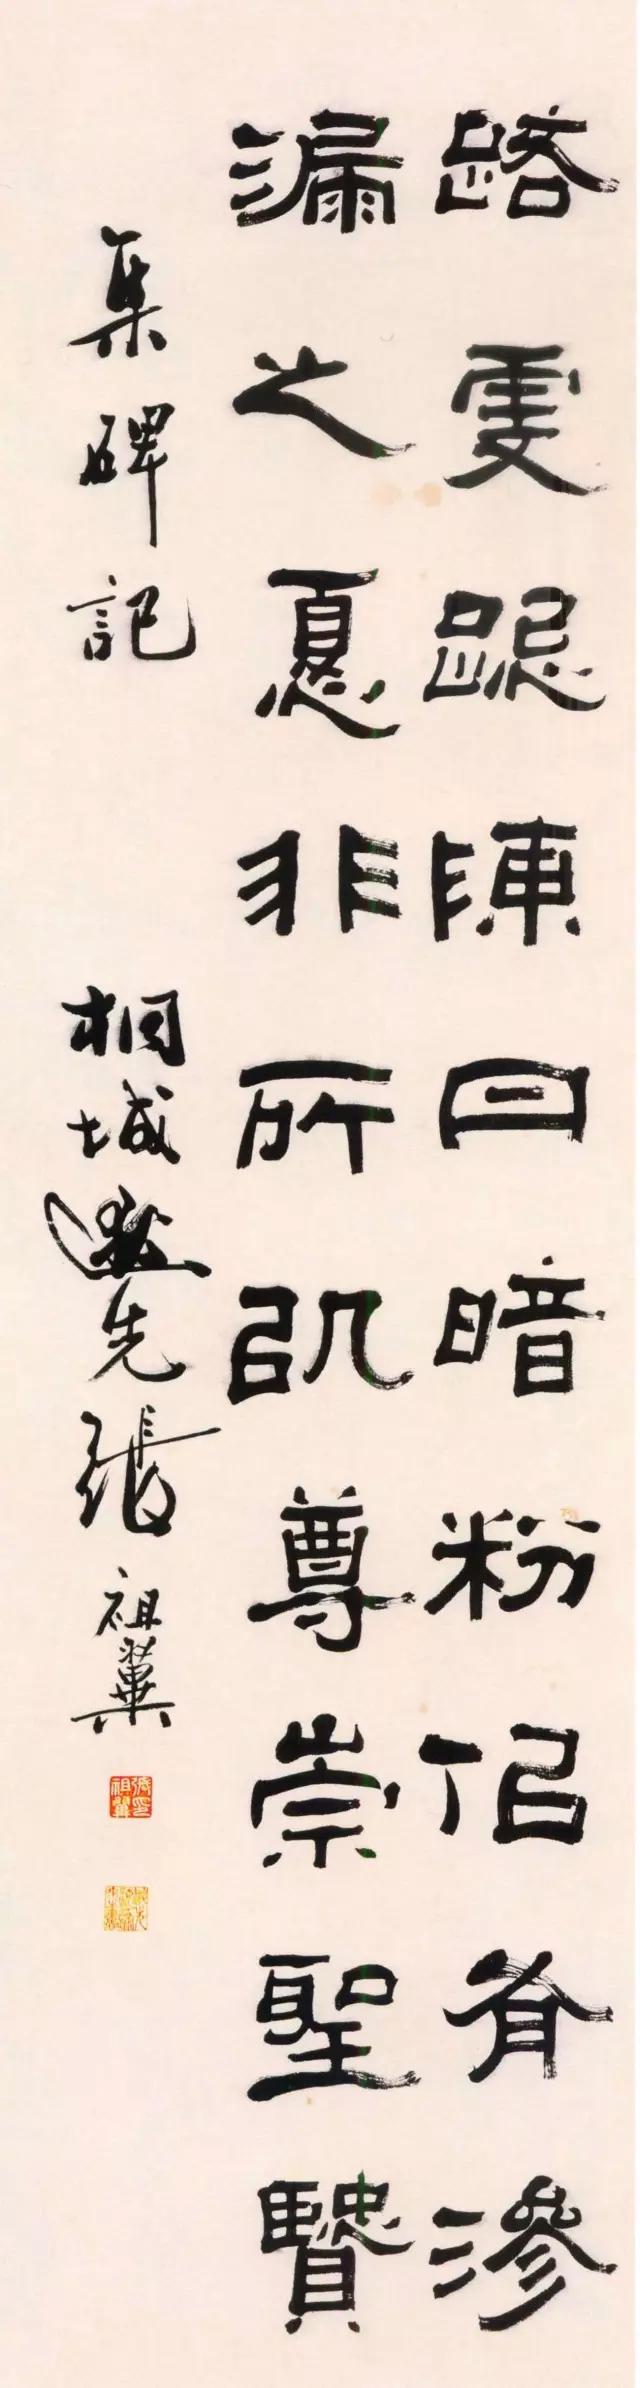 张祖翼隶书四条屏《集碑记》